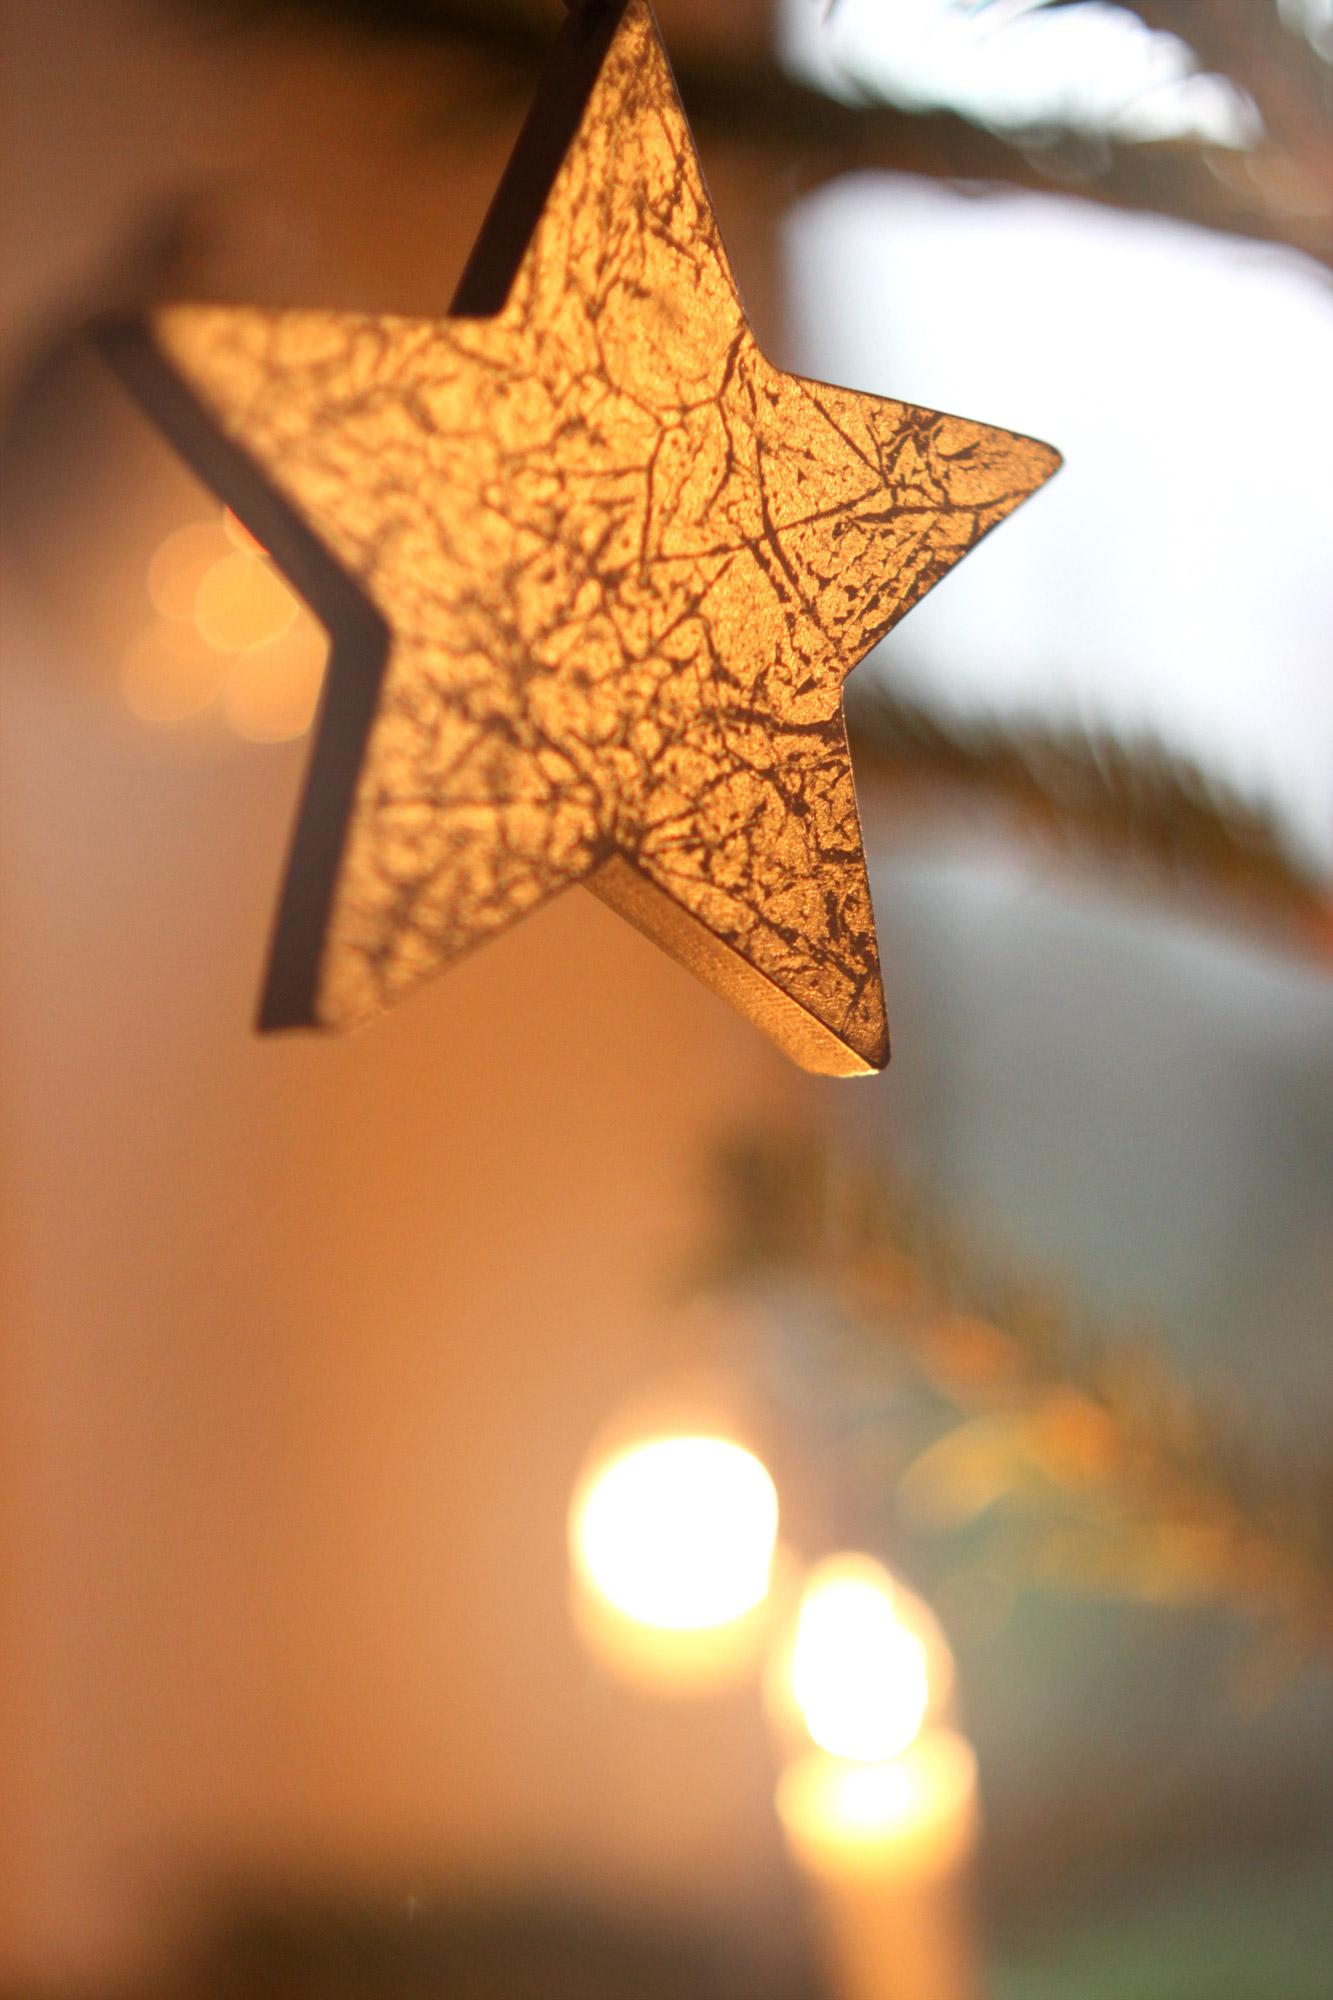 Stern Weihnachten.Weihnachten Stern Kostenlose Bilder Download Titania Foto